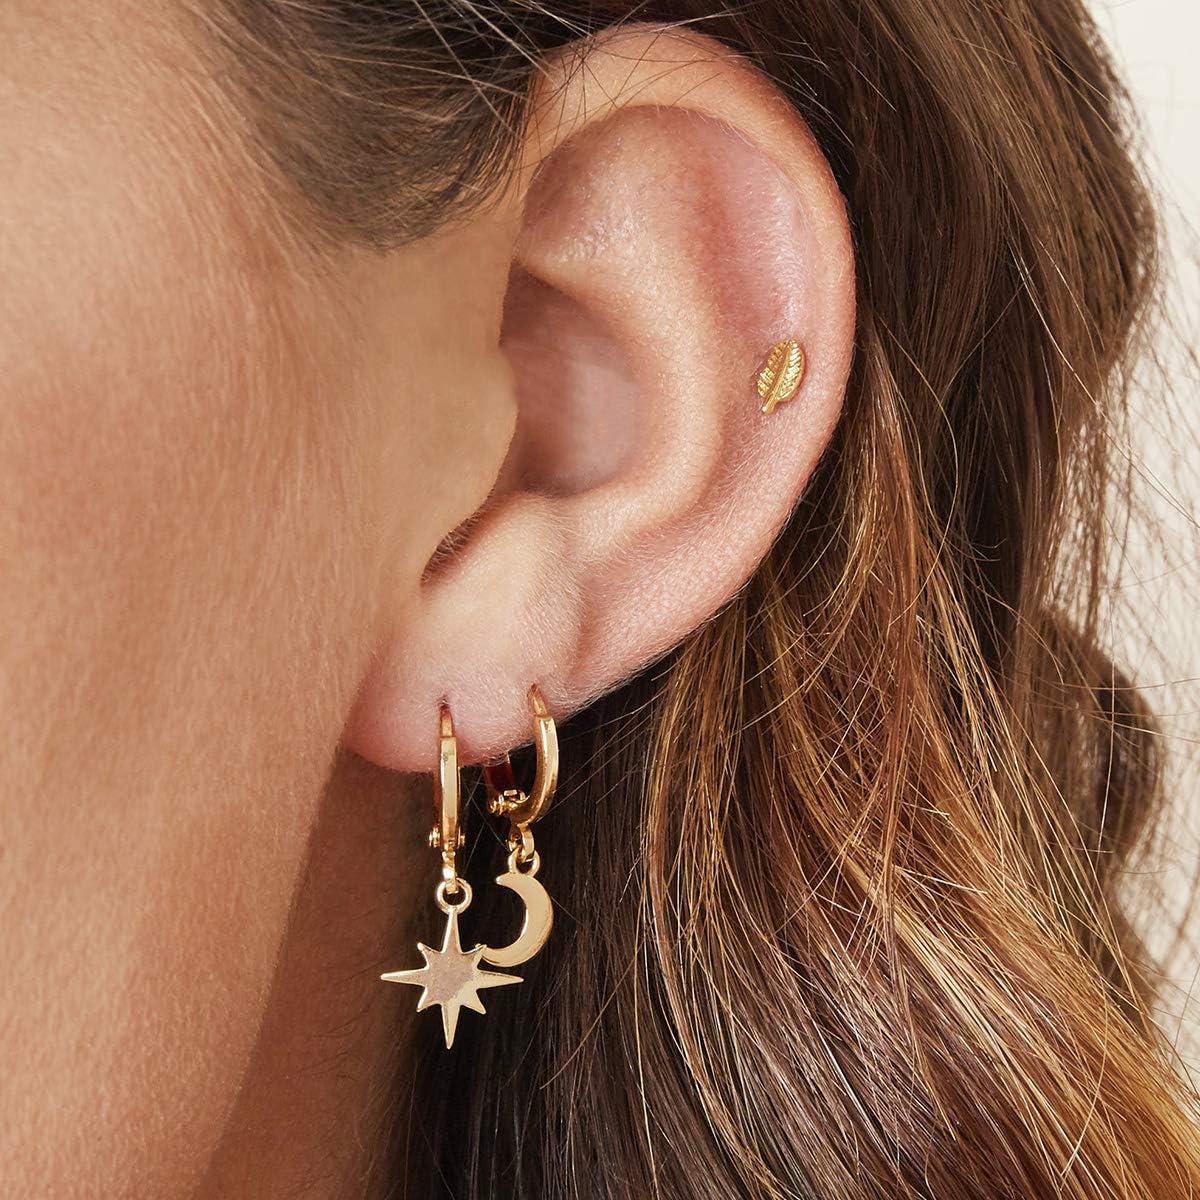 Boucles doreilles cr/éoles plaqu/ées or 18 carats avec petit pendentif demi-lune Huggie Hoops Design haut de gamme pour femme